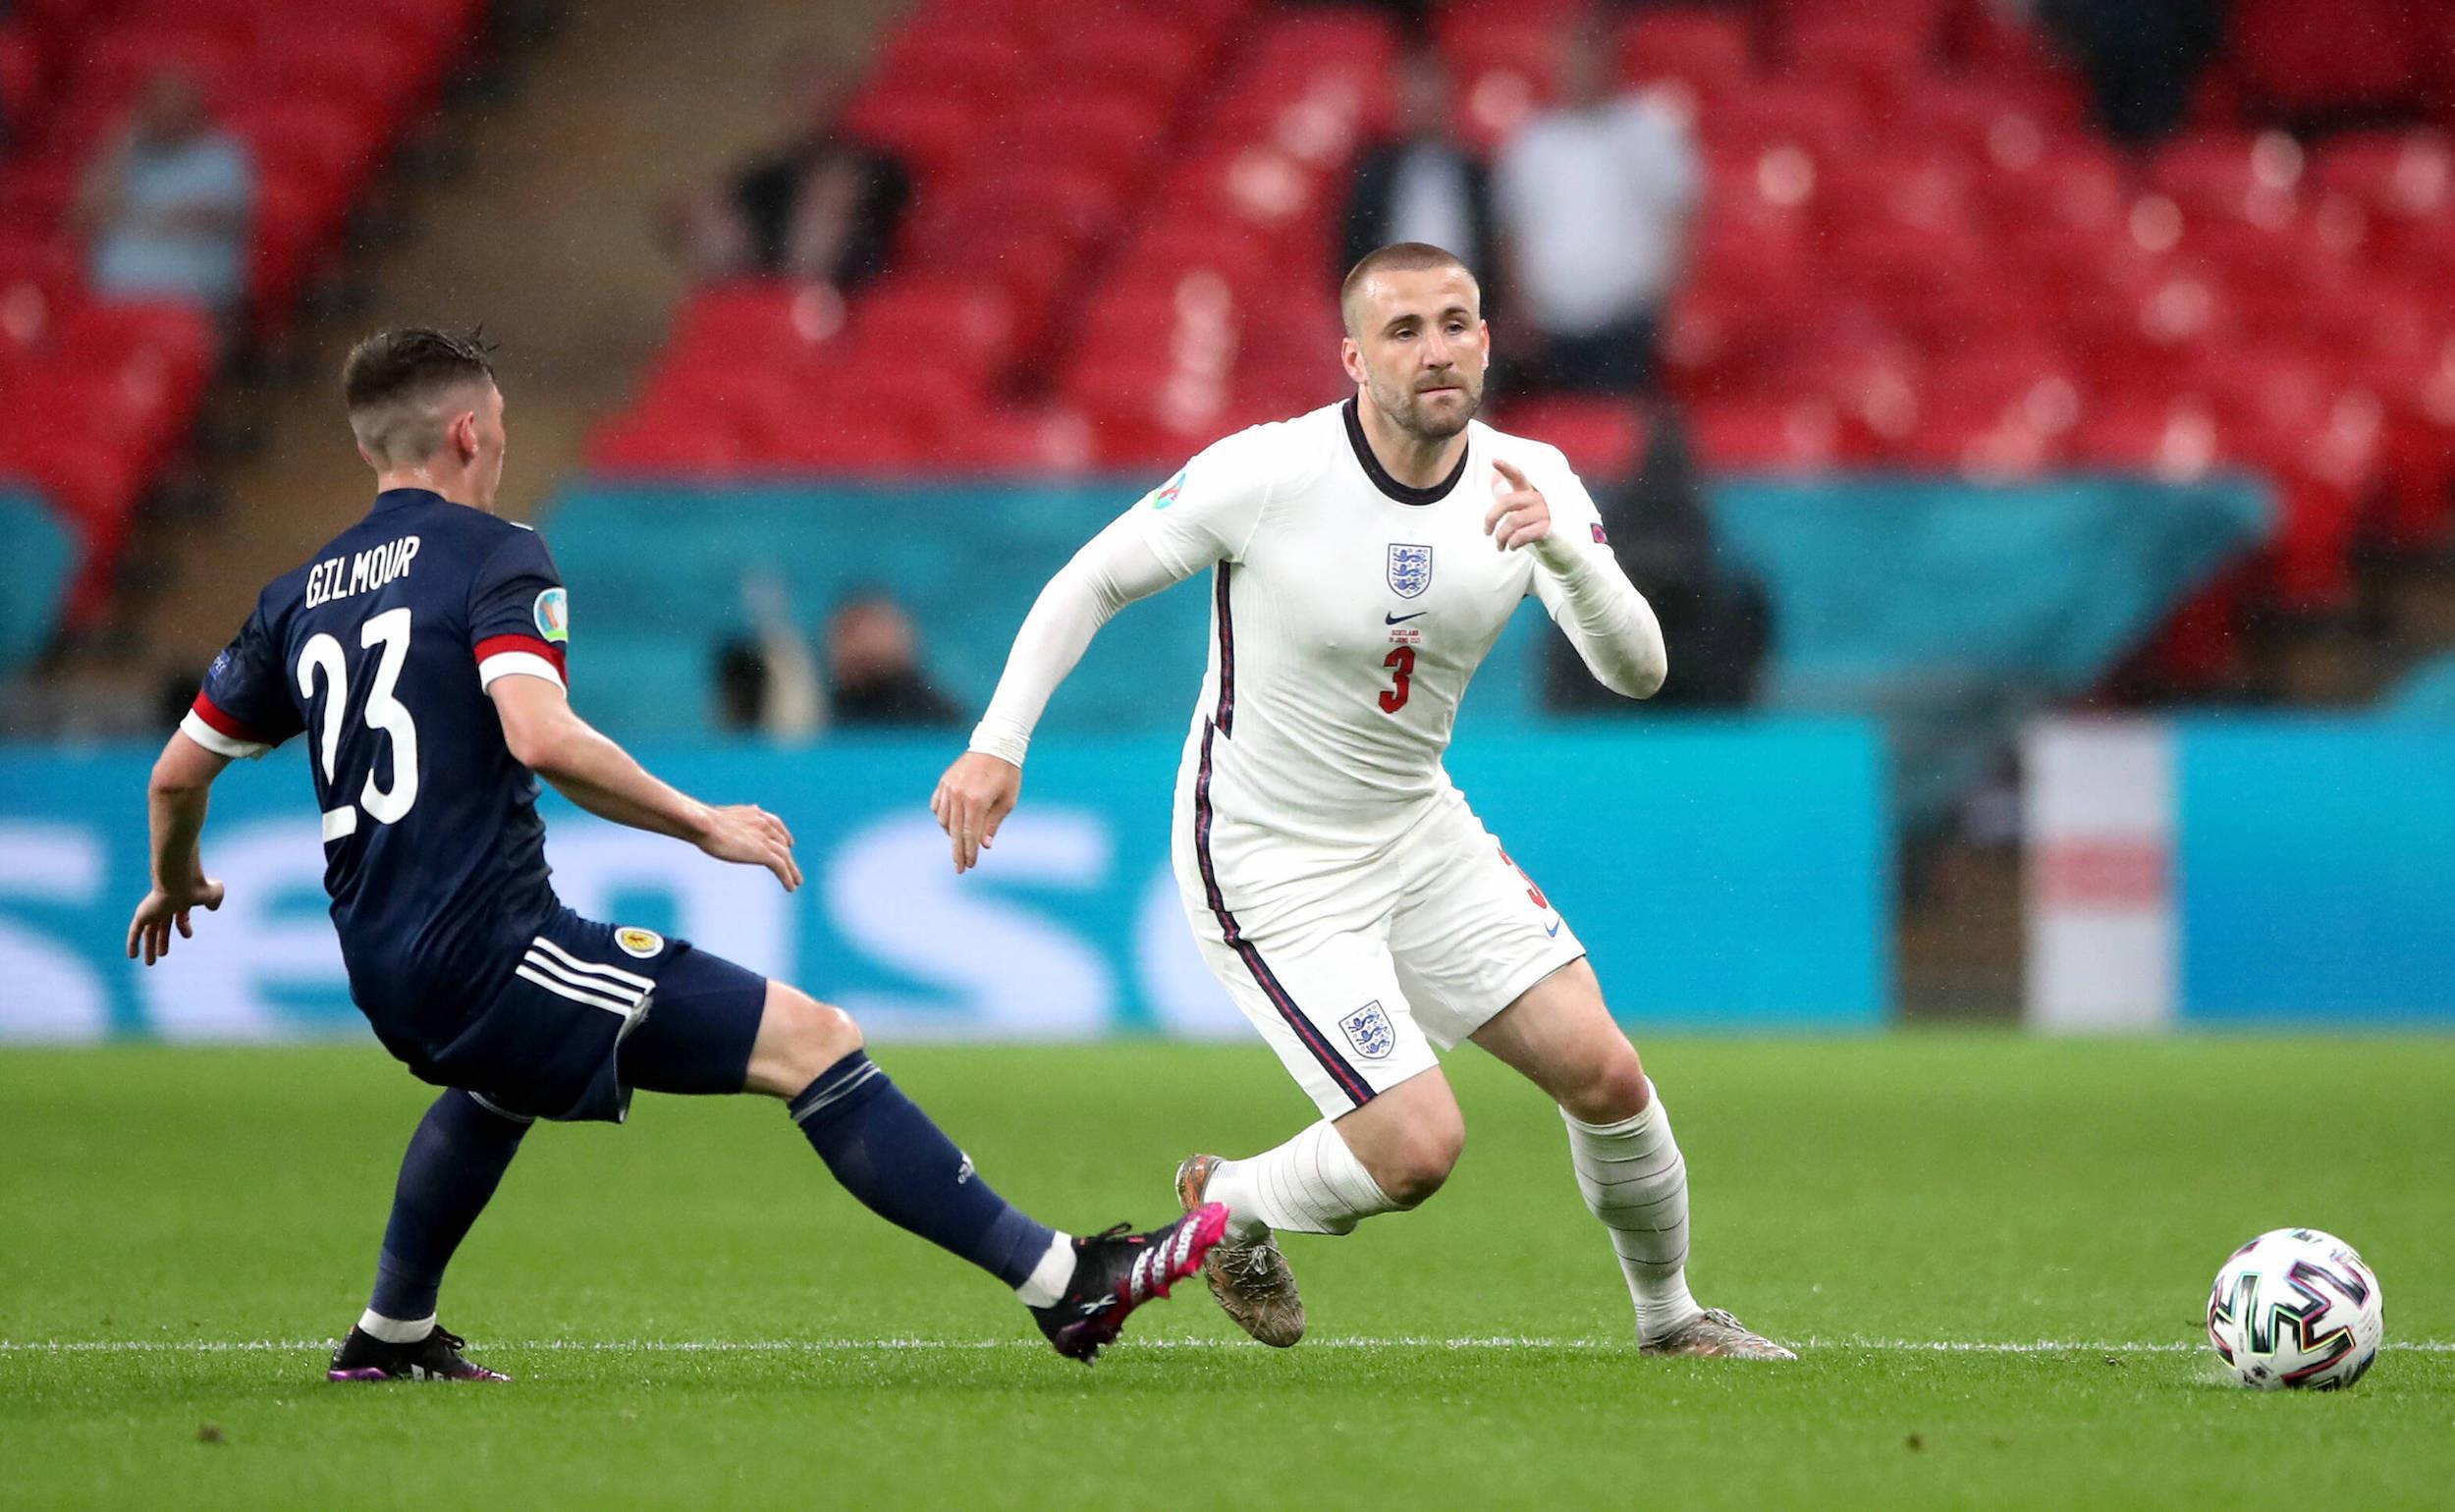 Luke Shaw là người tạo cách biệt tỉ số đầu tiên trong trận chung kết Anh - Italia tại Euro 2020